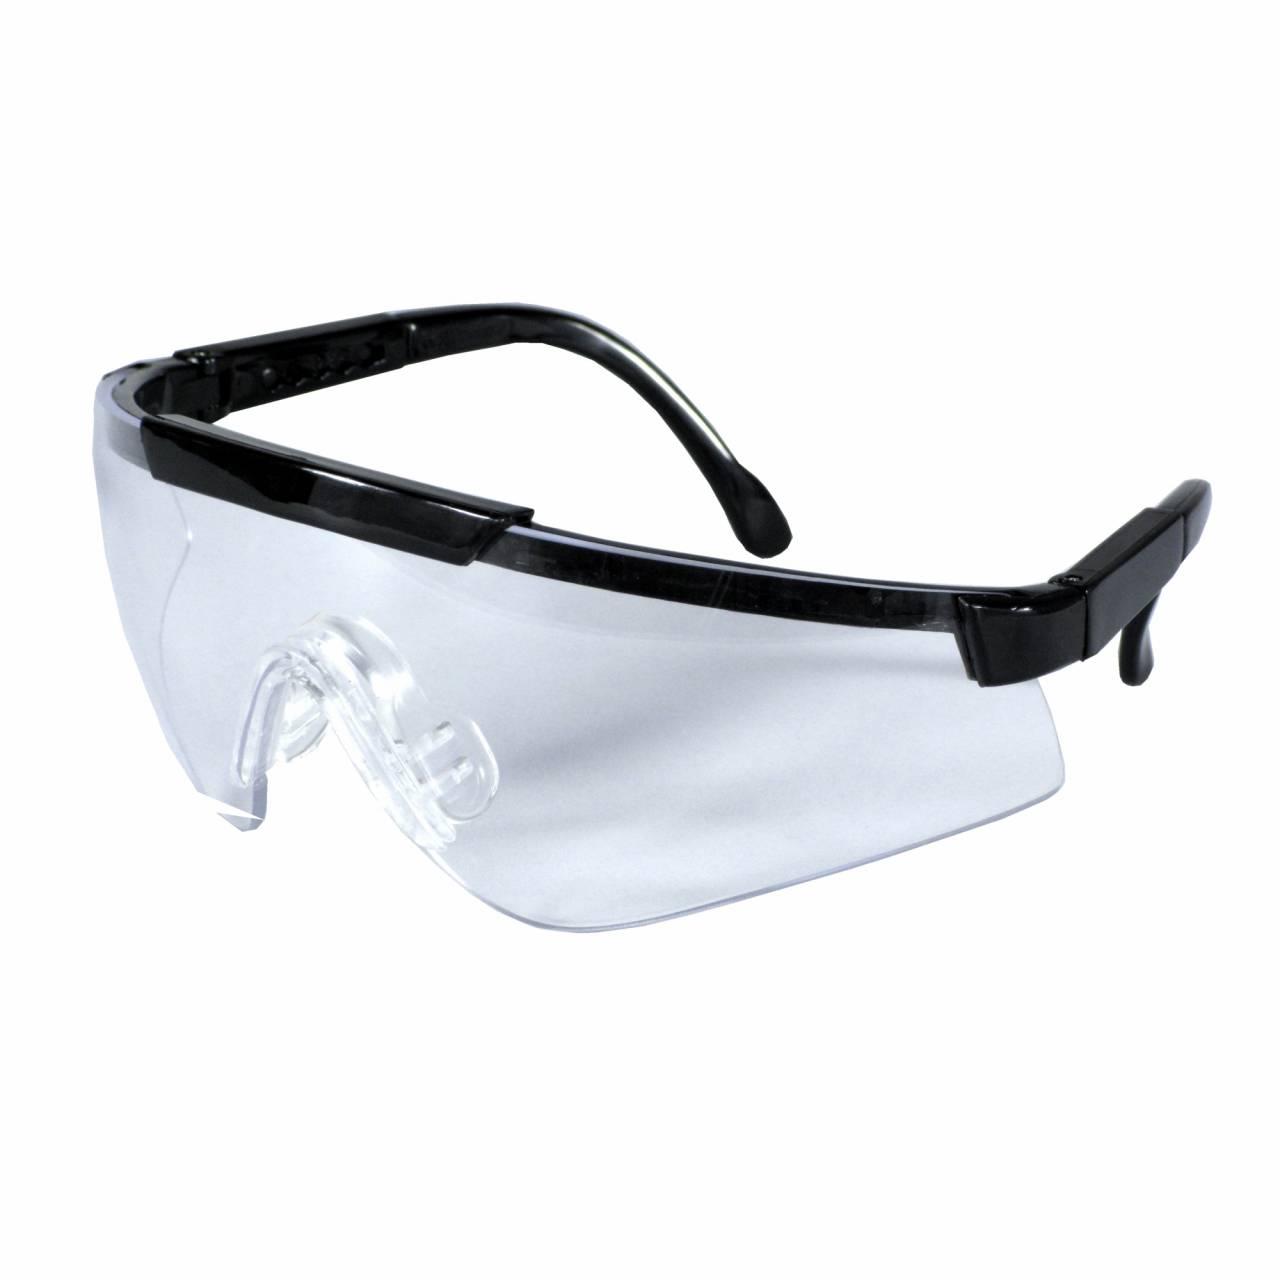 Arbeits-Schutzbrille 'Sporty-Klar'